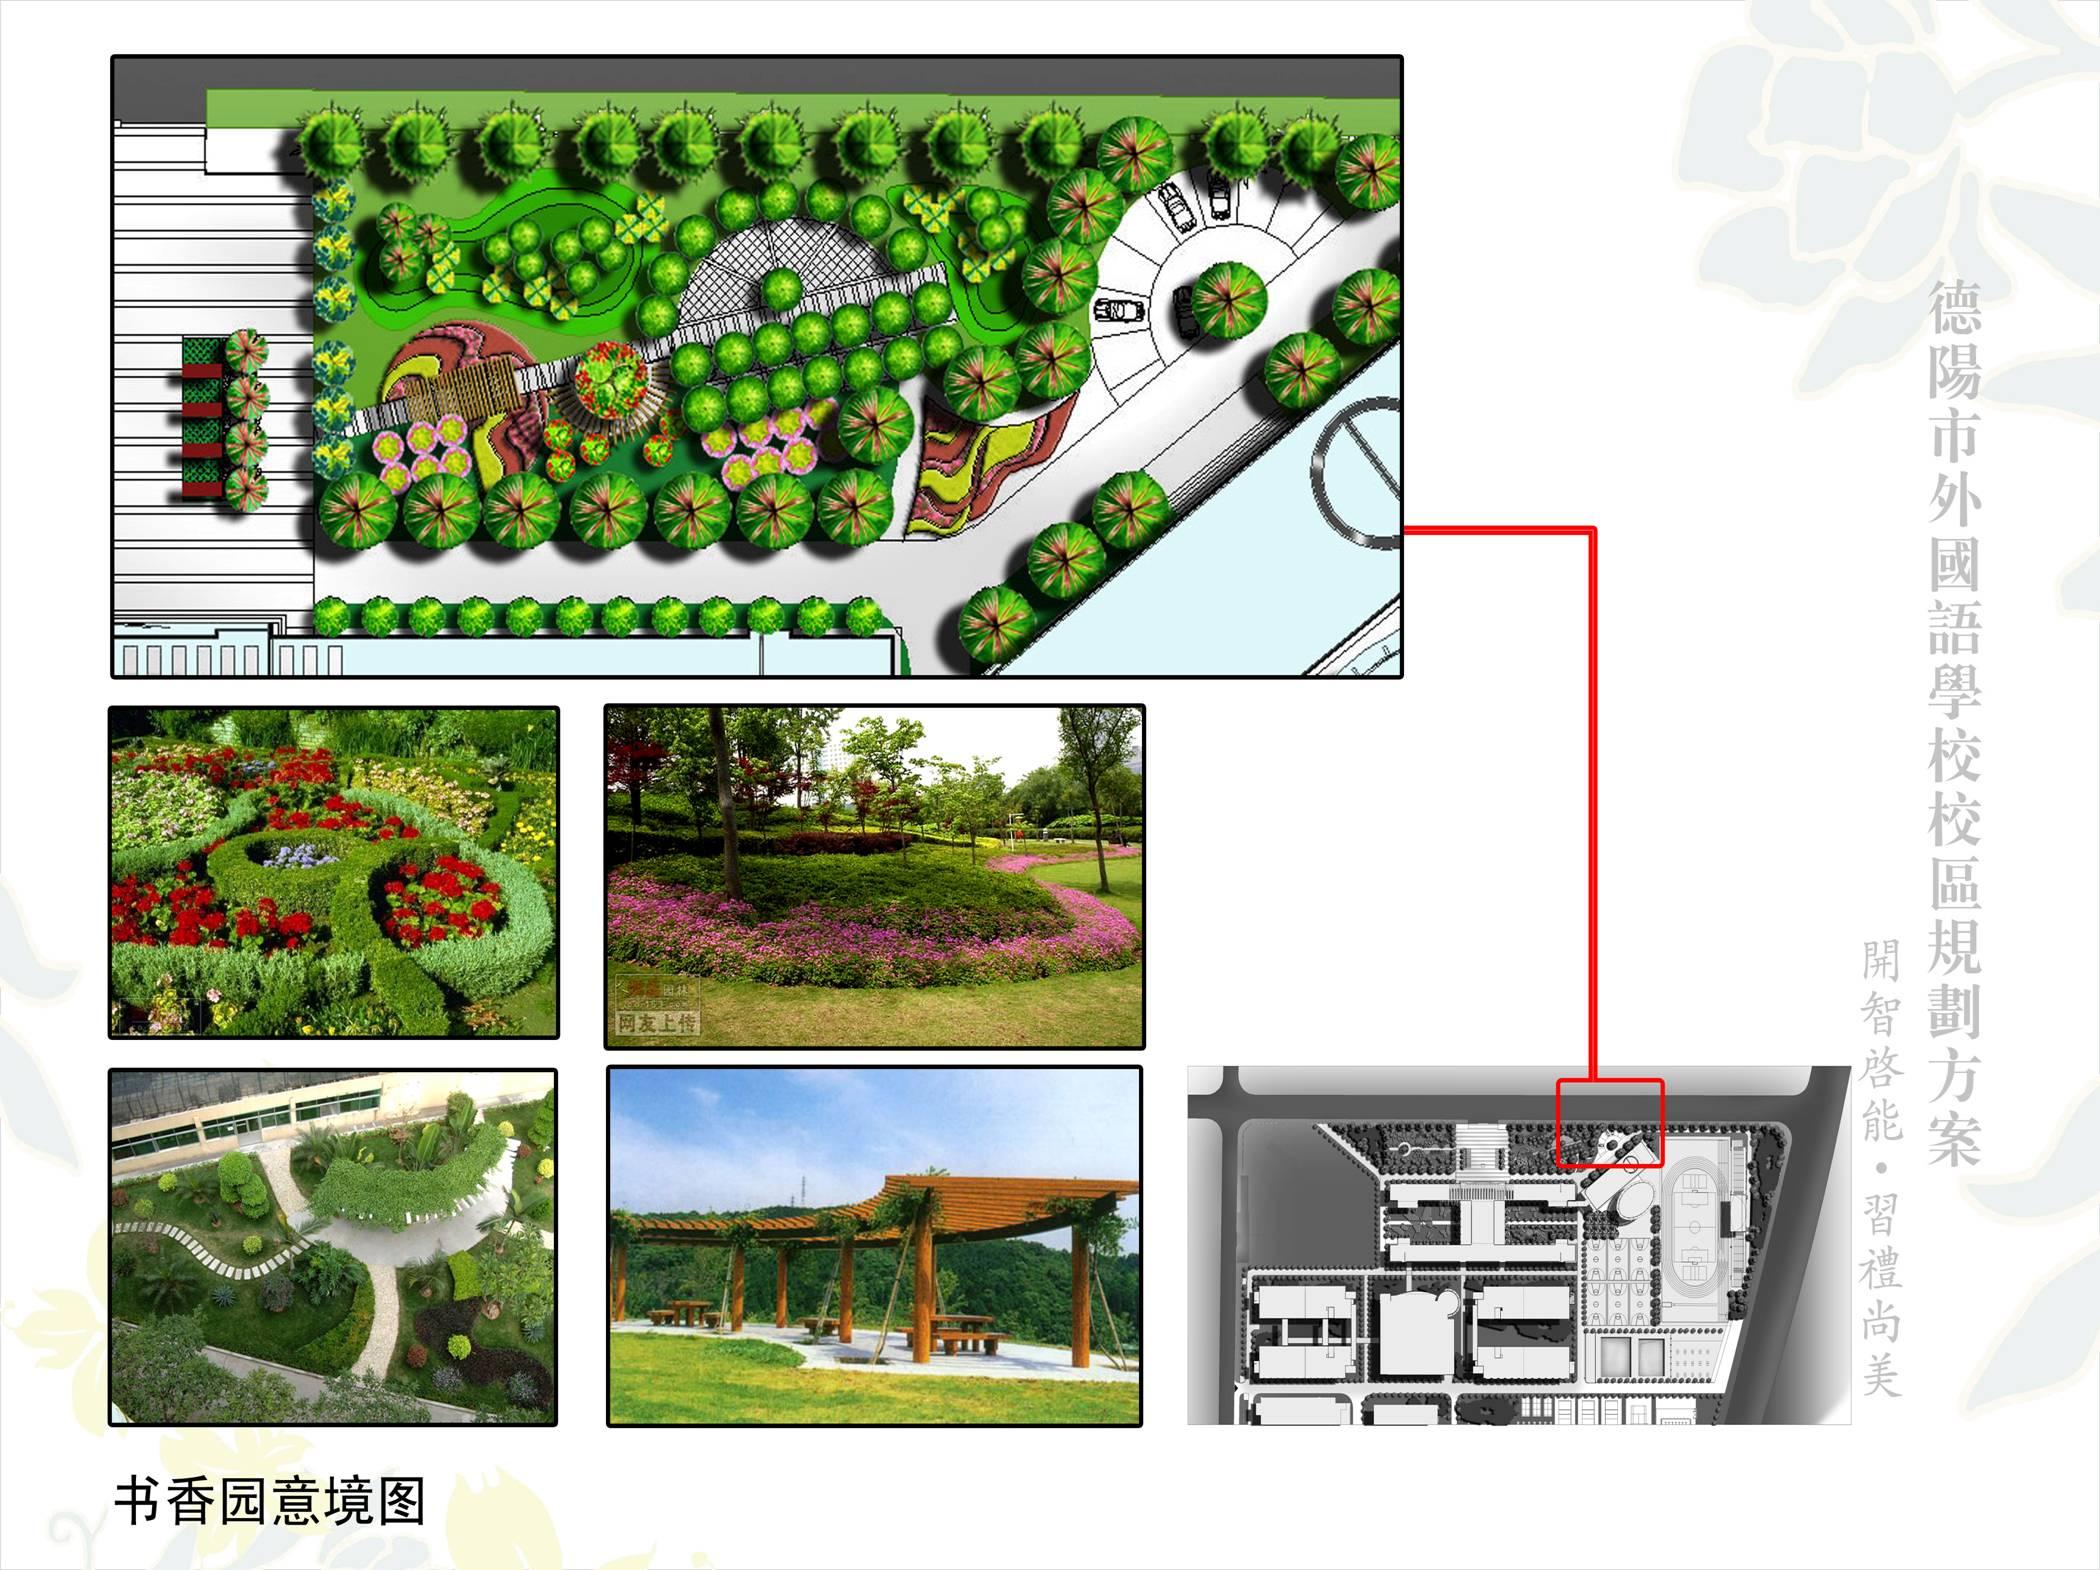 校园景观园林设计 学校园林设计 学校园林设计图 校园园林设计平面图